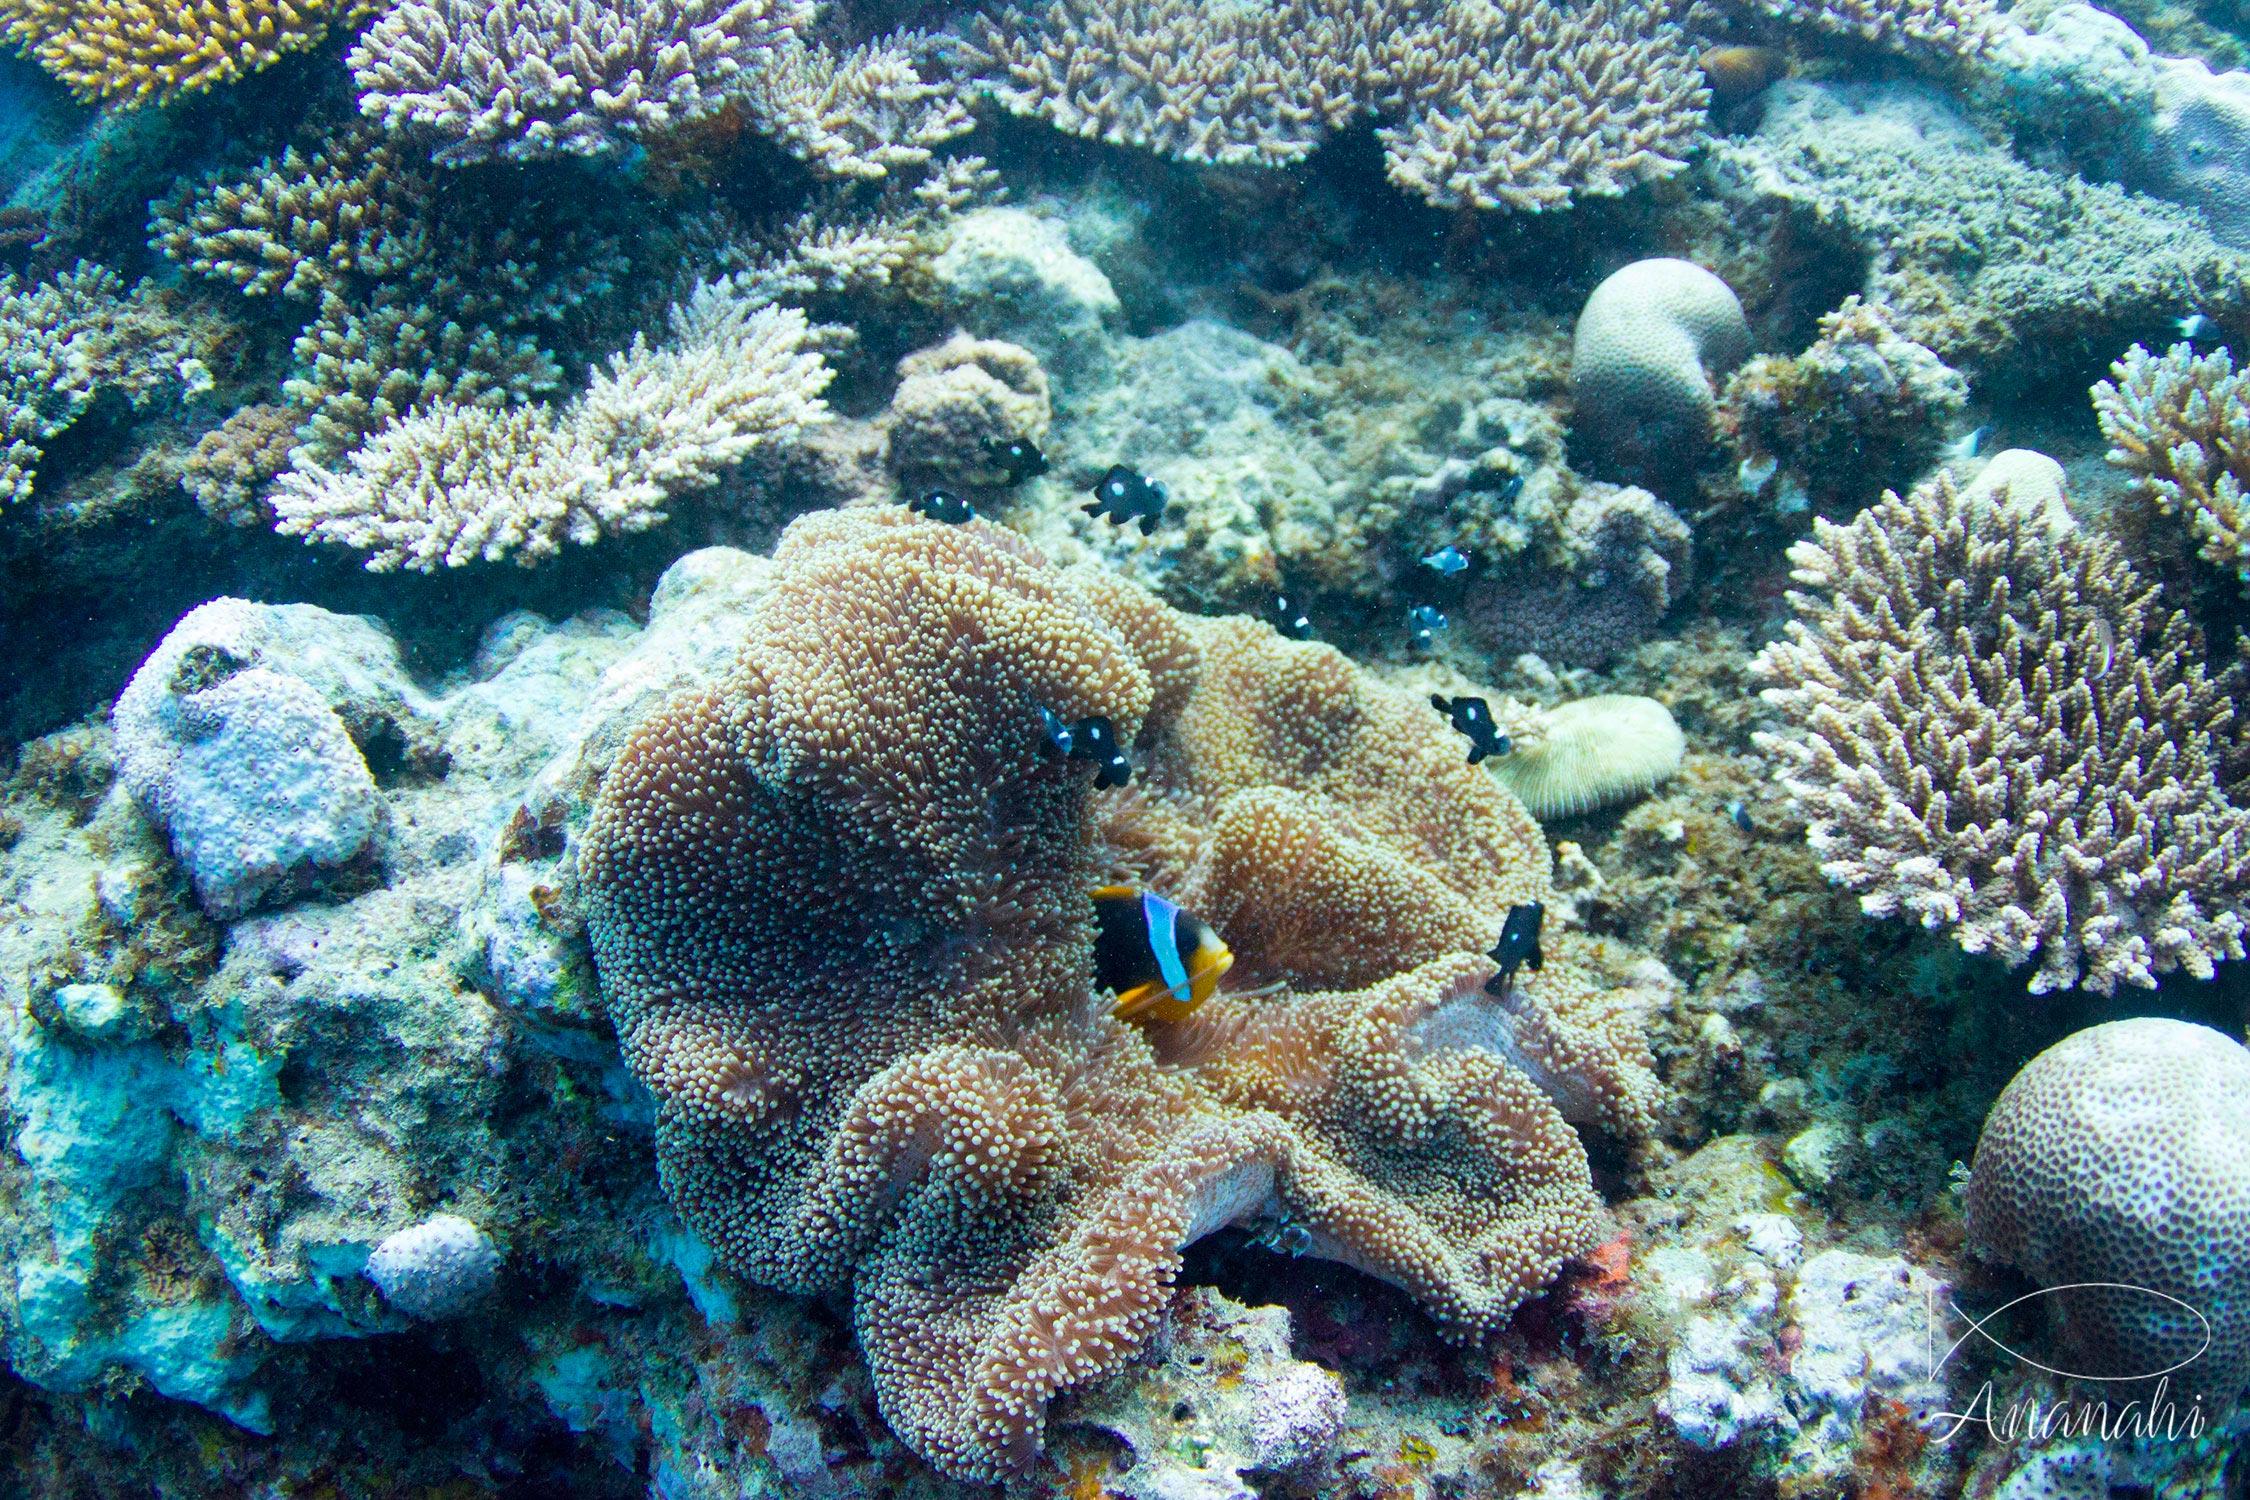 Madagascar anemonefish of Mayotte